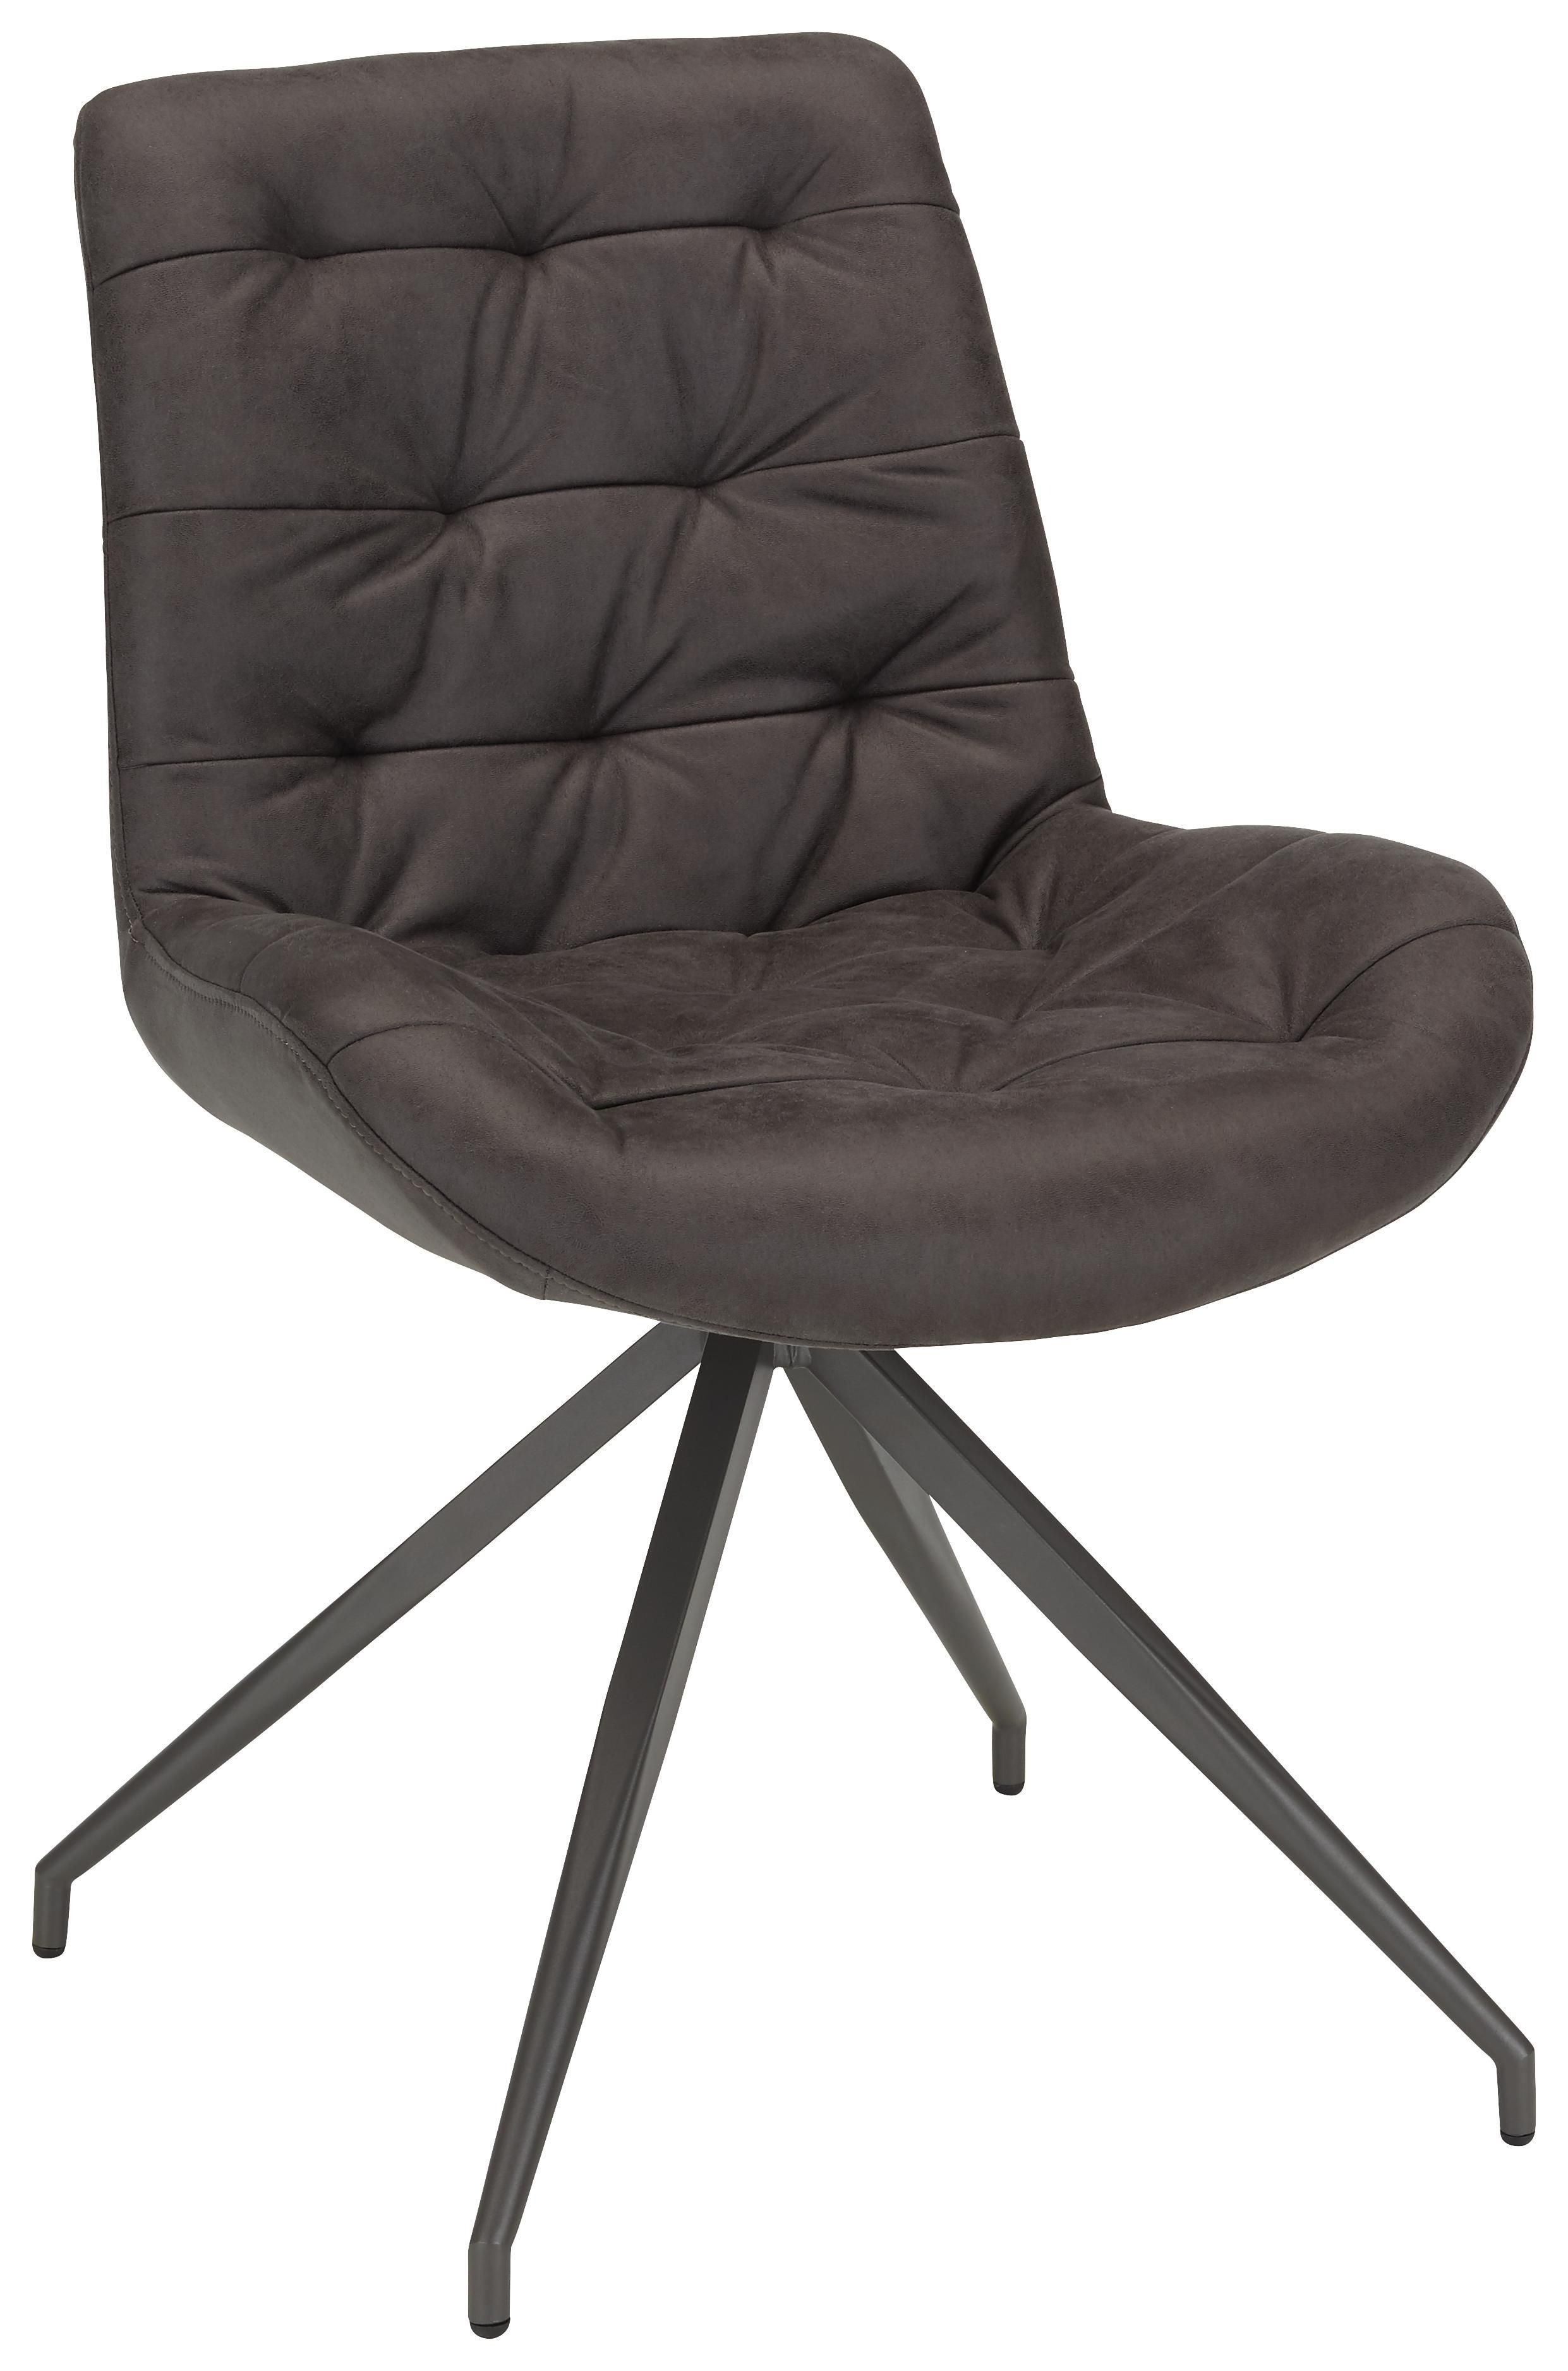 Stuhl Anthrazit Wandgestaltung Chair Furniture Und